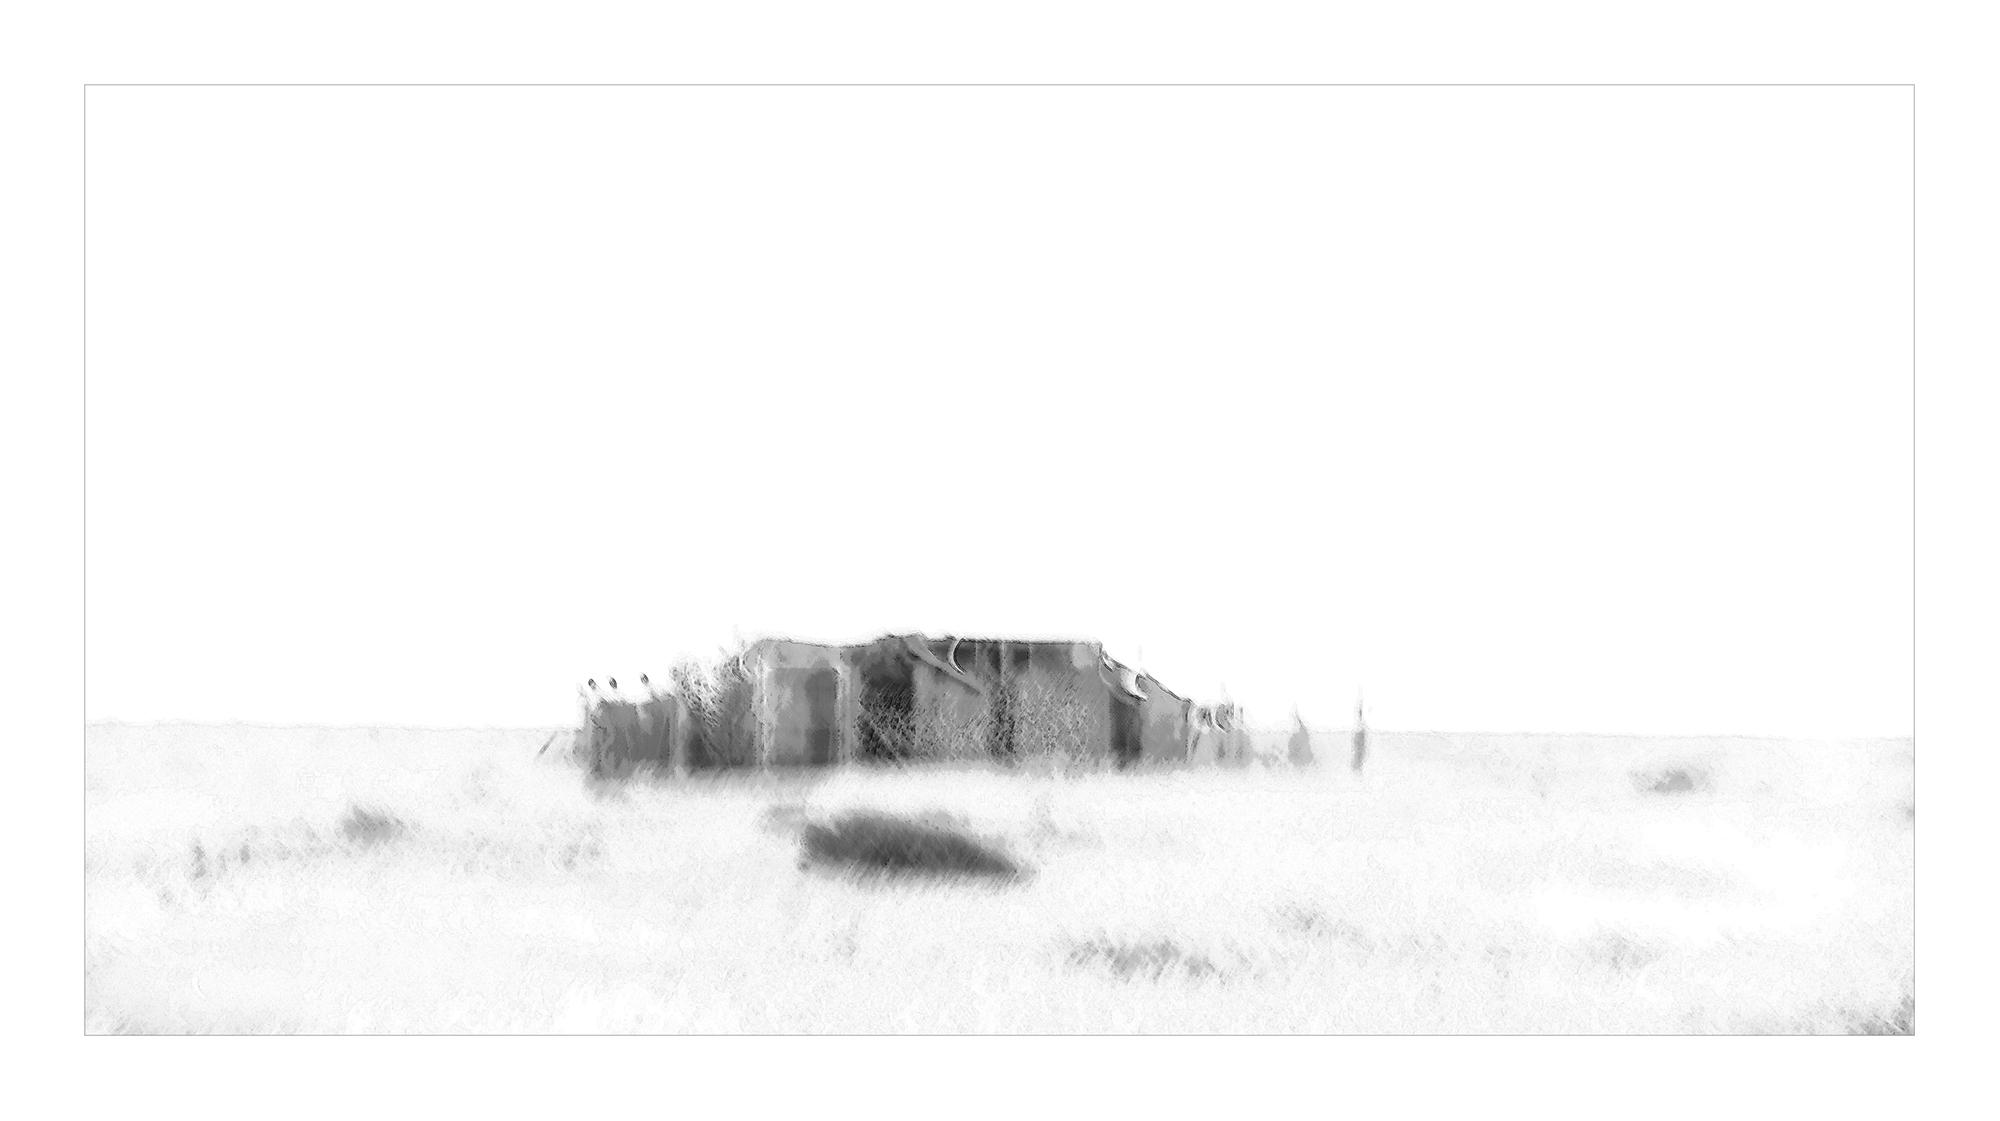 Bleak House by Viv Blewett  Runner Up Colour Prints Open